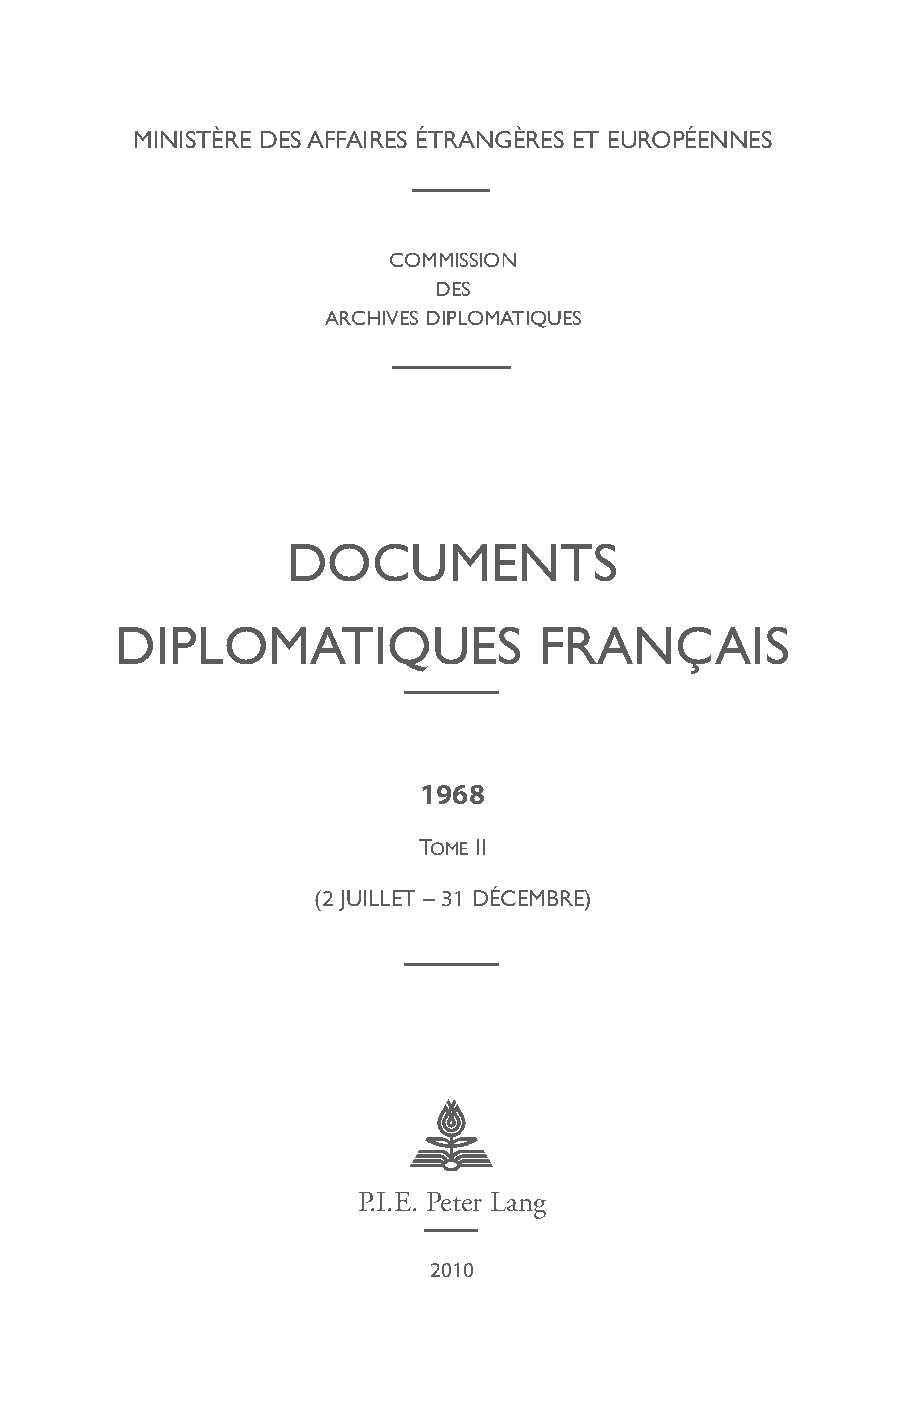 DOCUMENTS DIPLOMATIQUES FRANCAIS - 1968 - TOME II (2 JUILLET - 31 DECEMBRE)